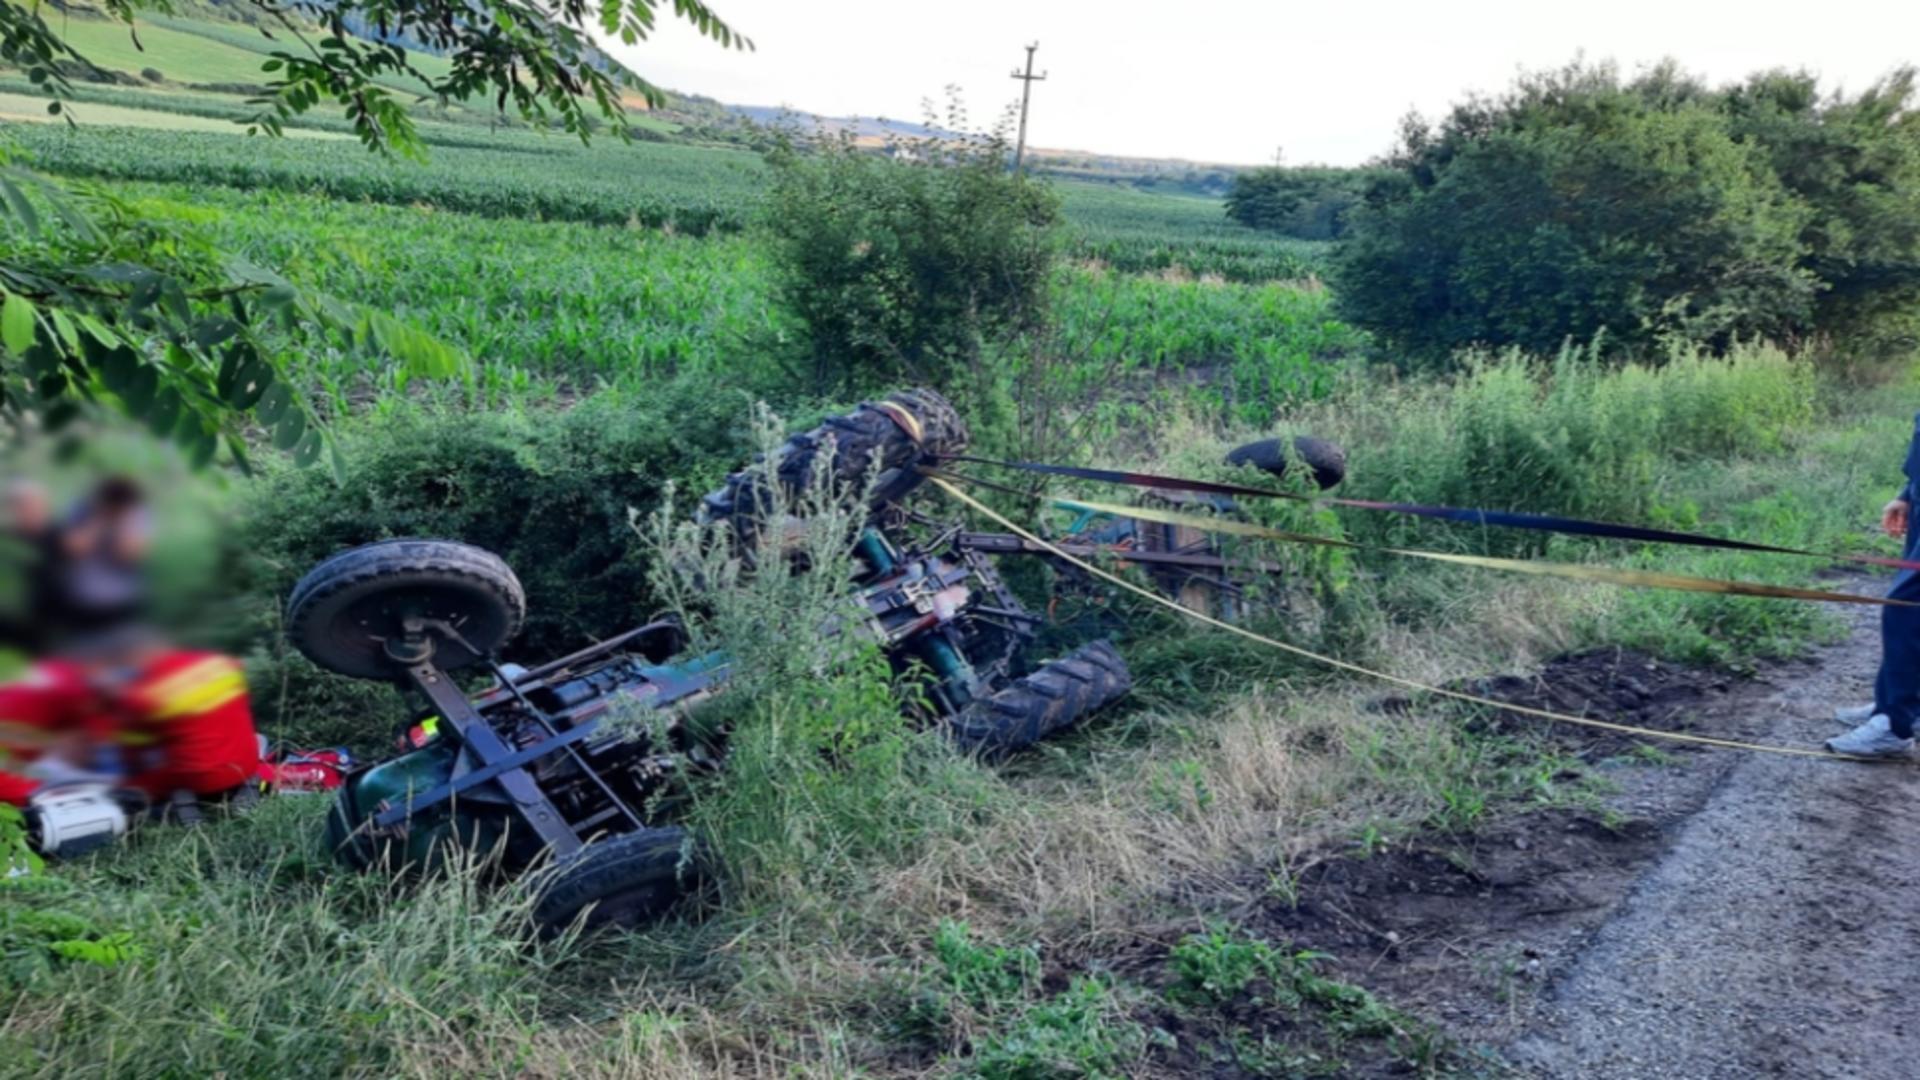 A murit după ce a căzut cu tractorul în canalul de irigații. Foto arhivă